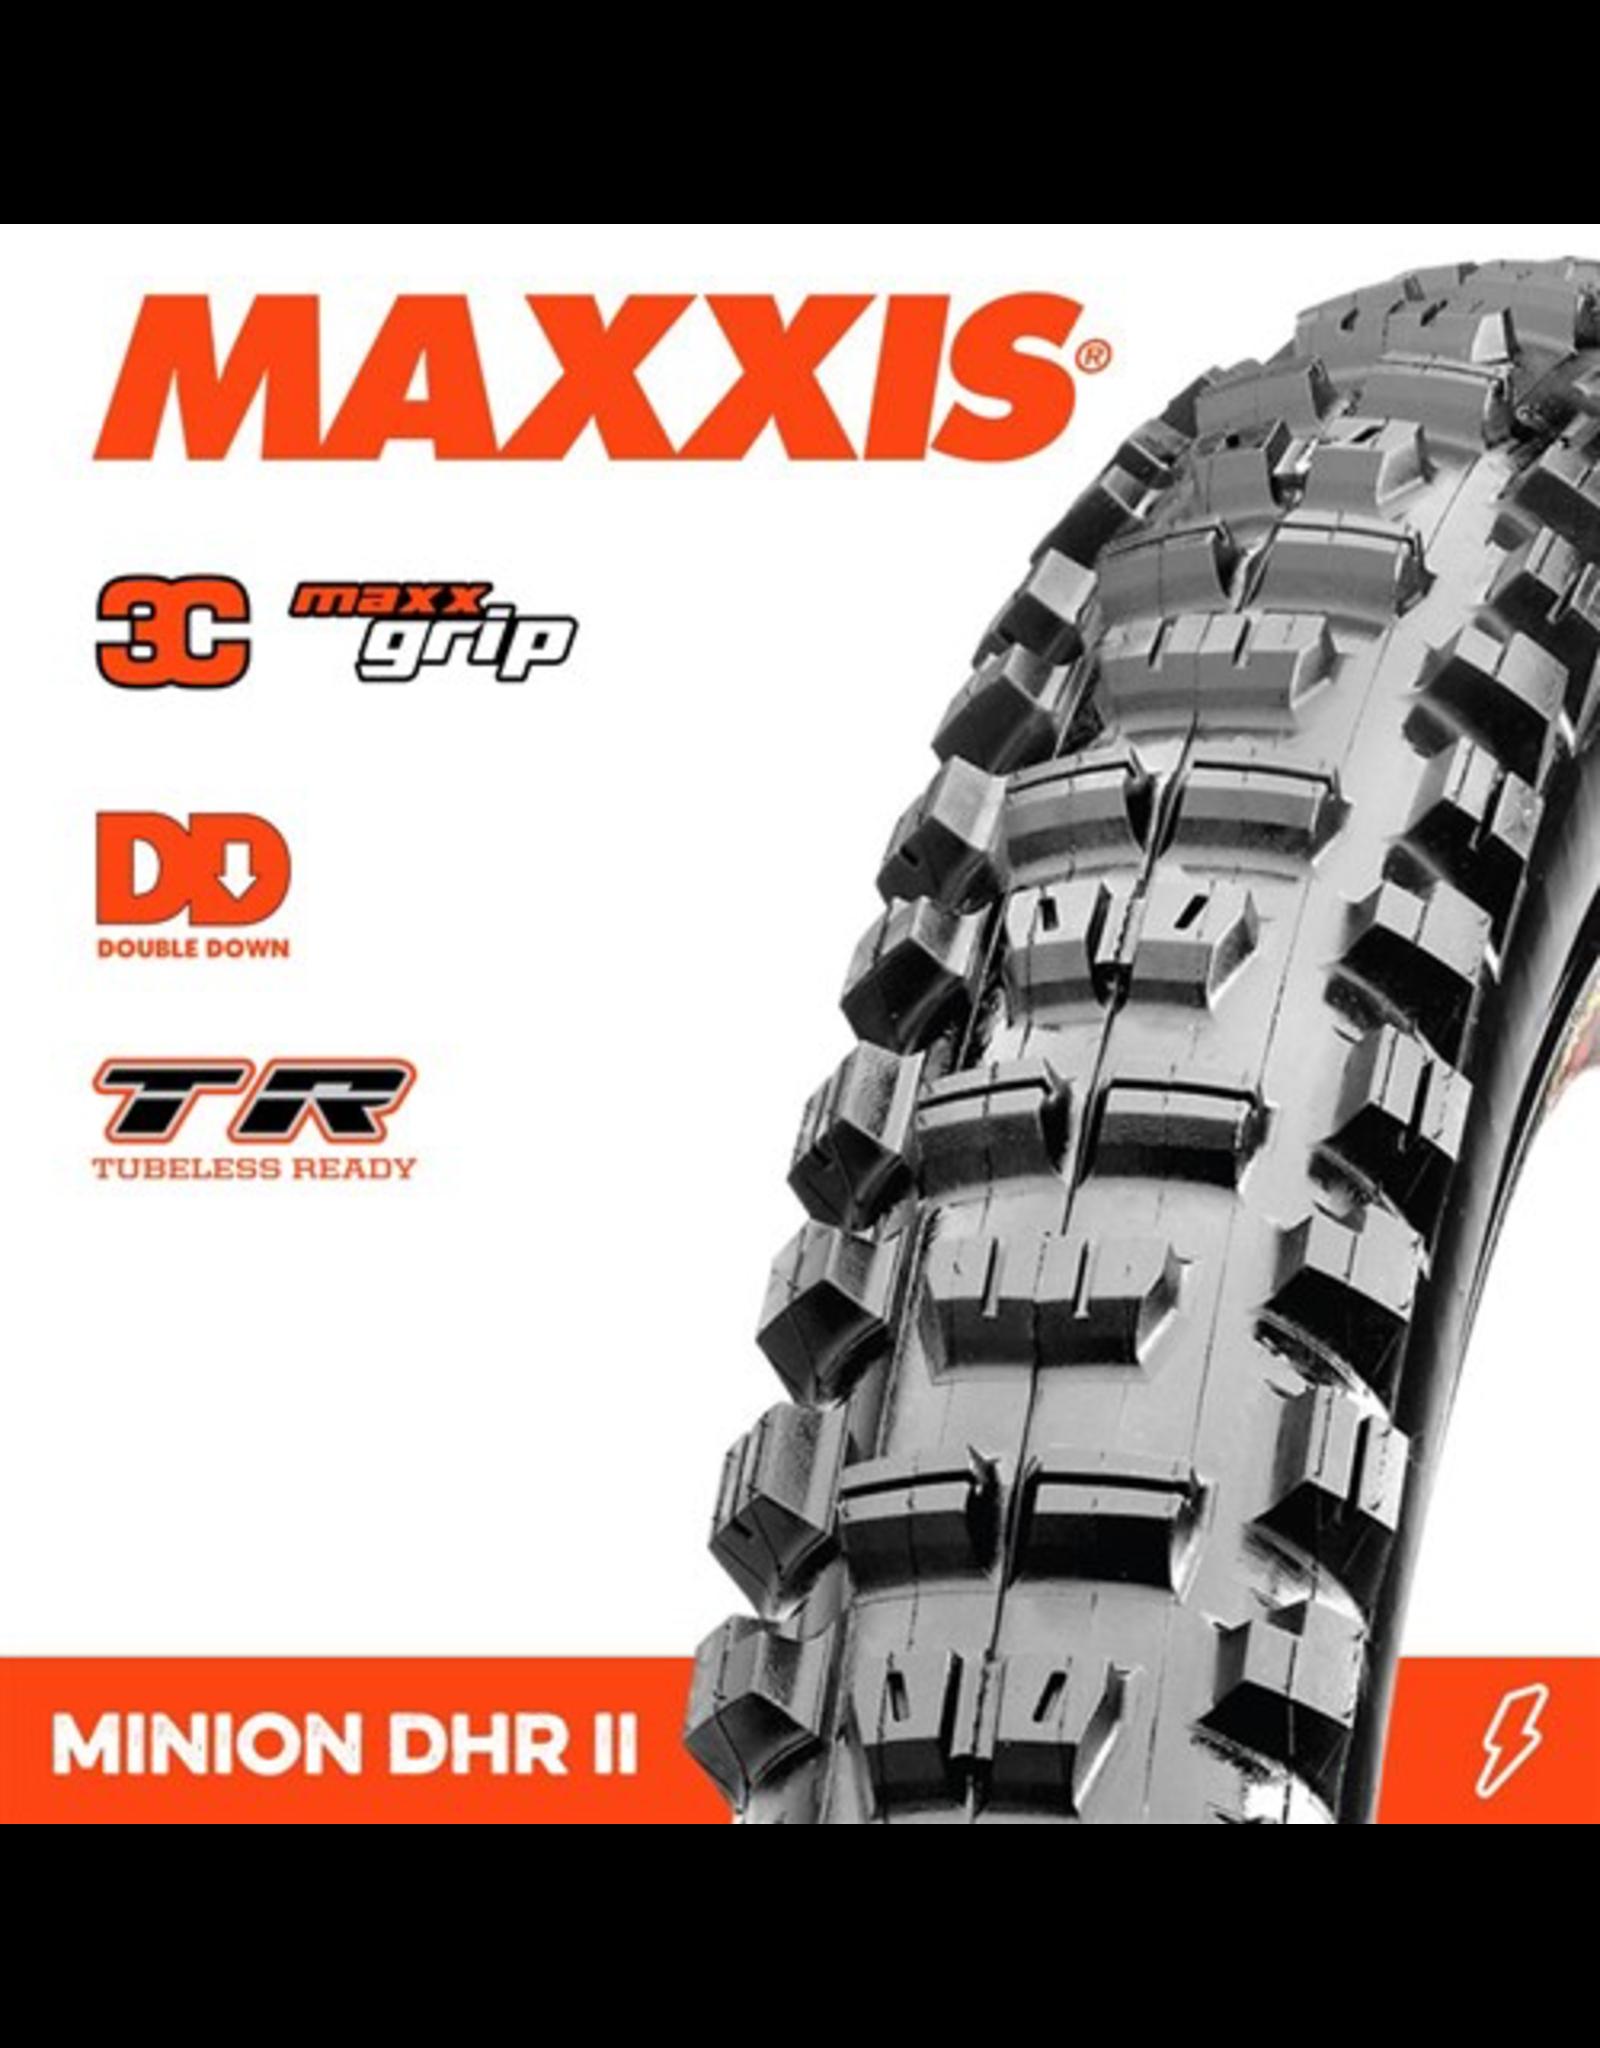 """MAXXIS MAXXIS MINION DHR II 27.5 X 2.40"""" TR WT DD 3C MAXX GRIP FOLD 120X2 TPI TYRE"""